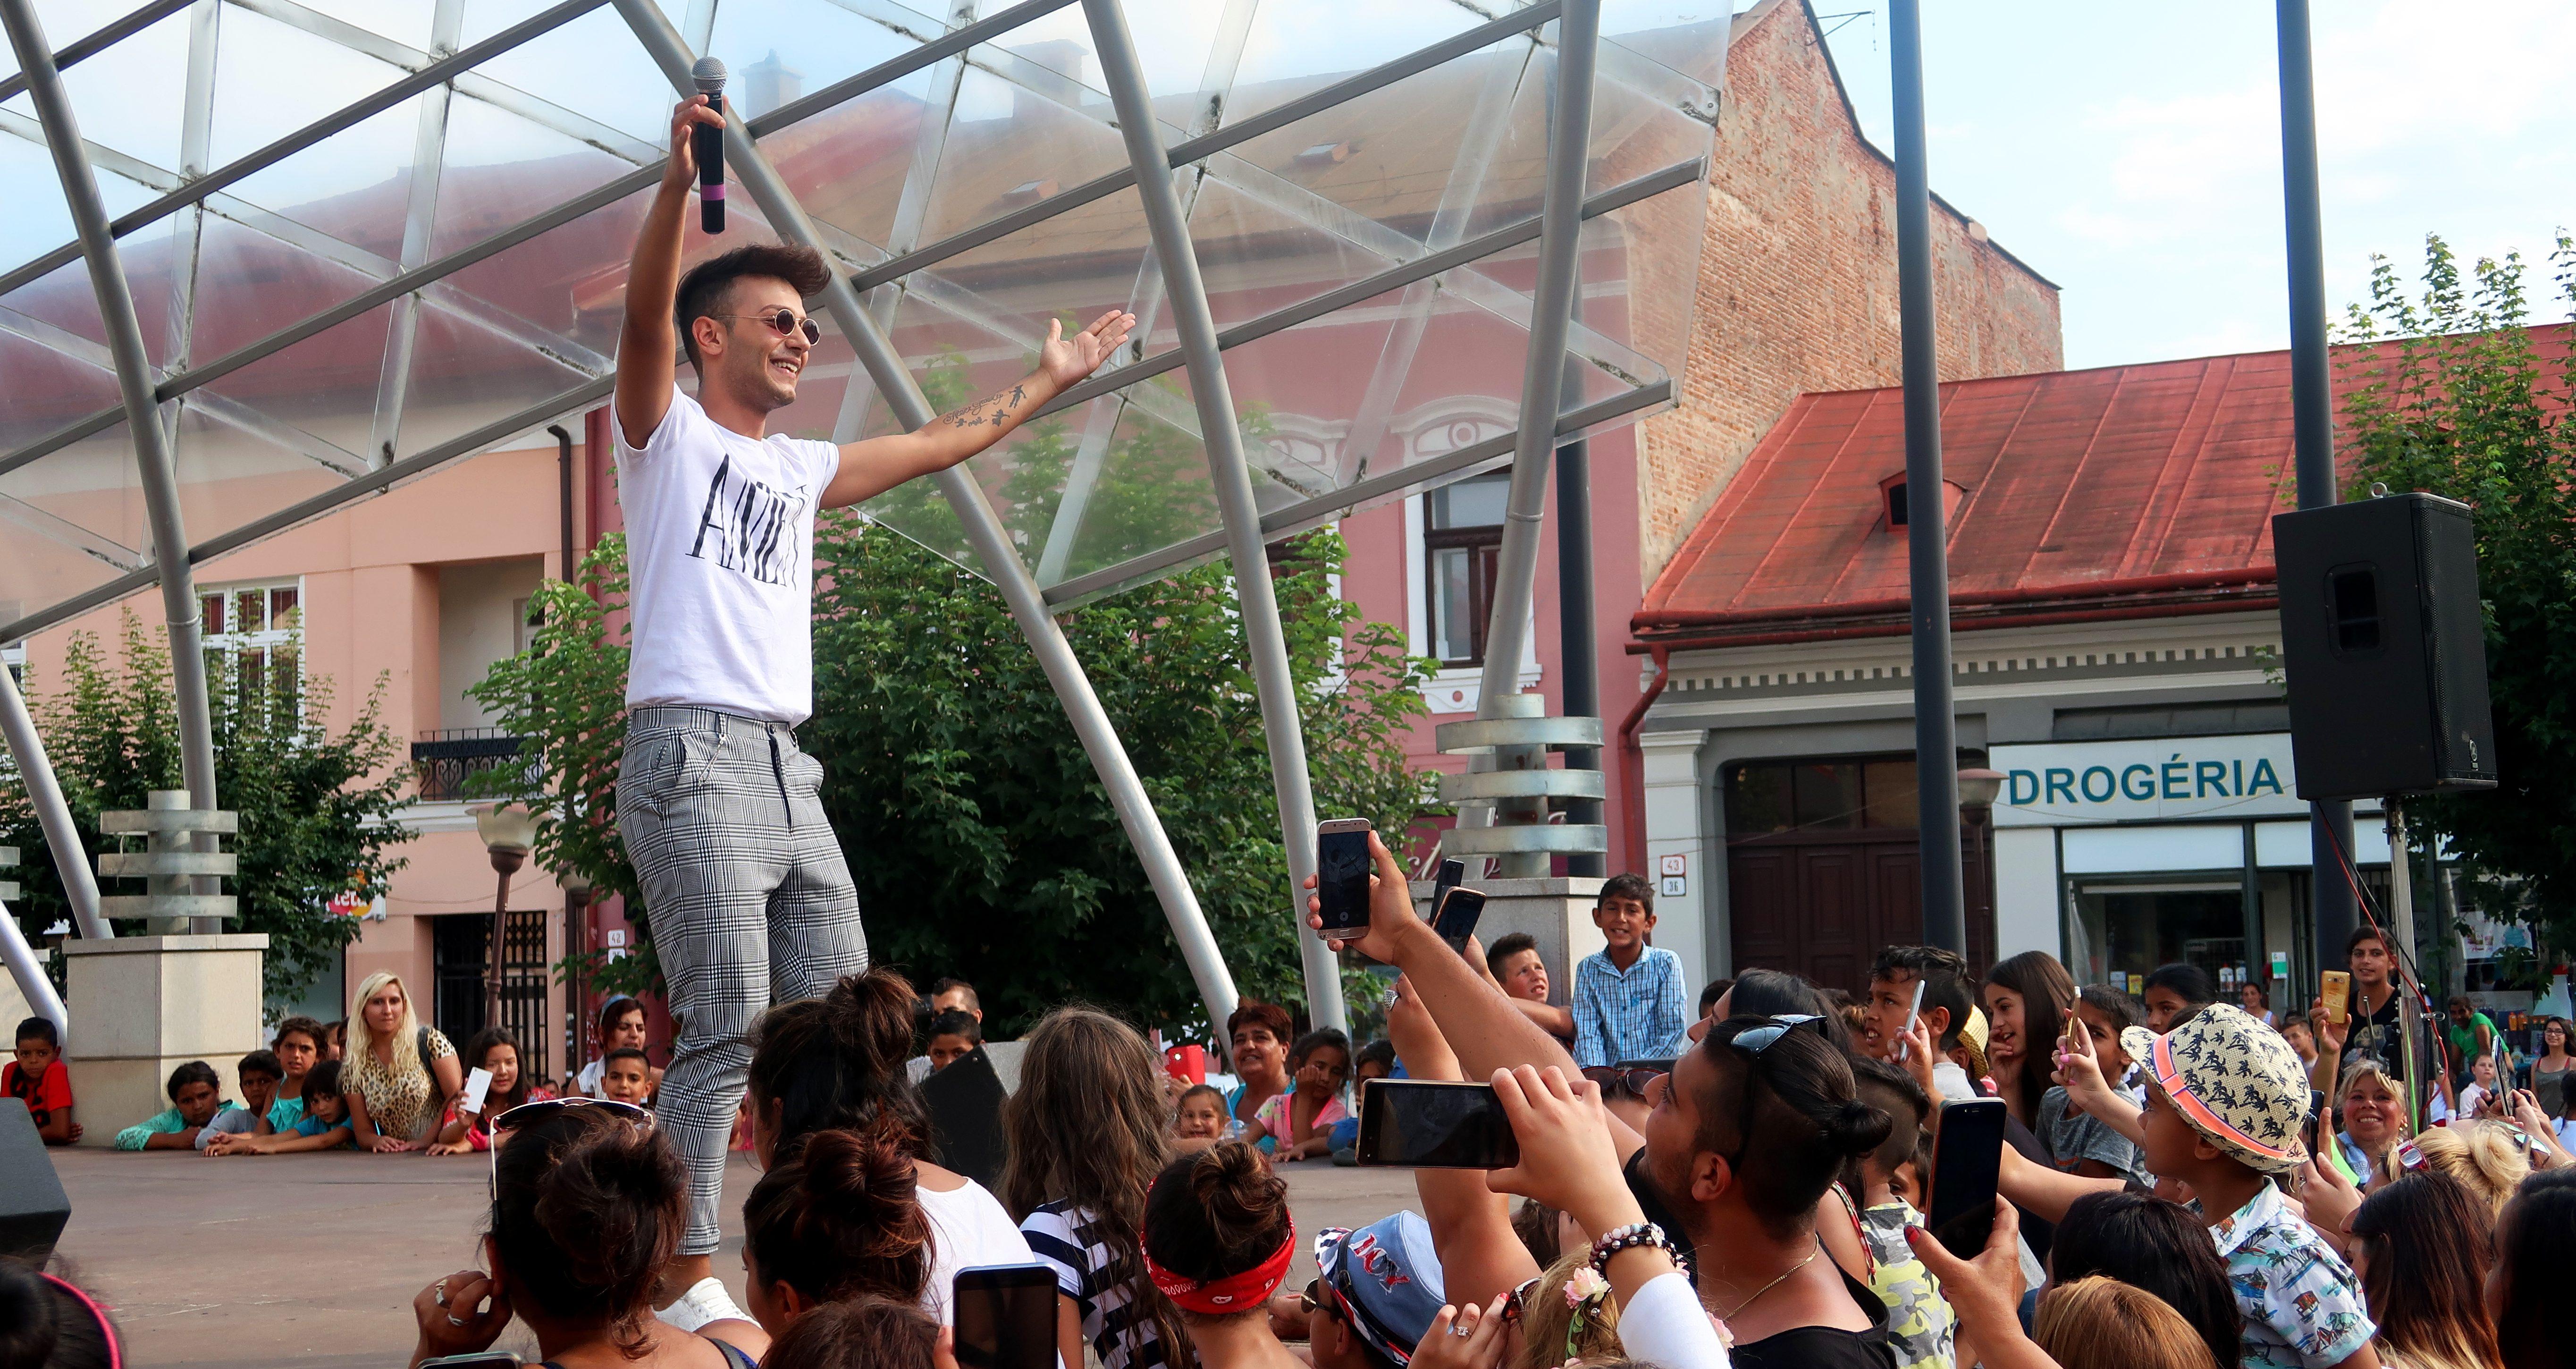 Prvý ročník festivalu Romano džives v Brezne bol úspešný!